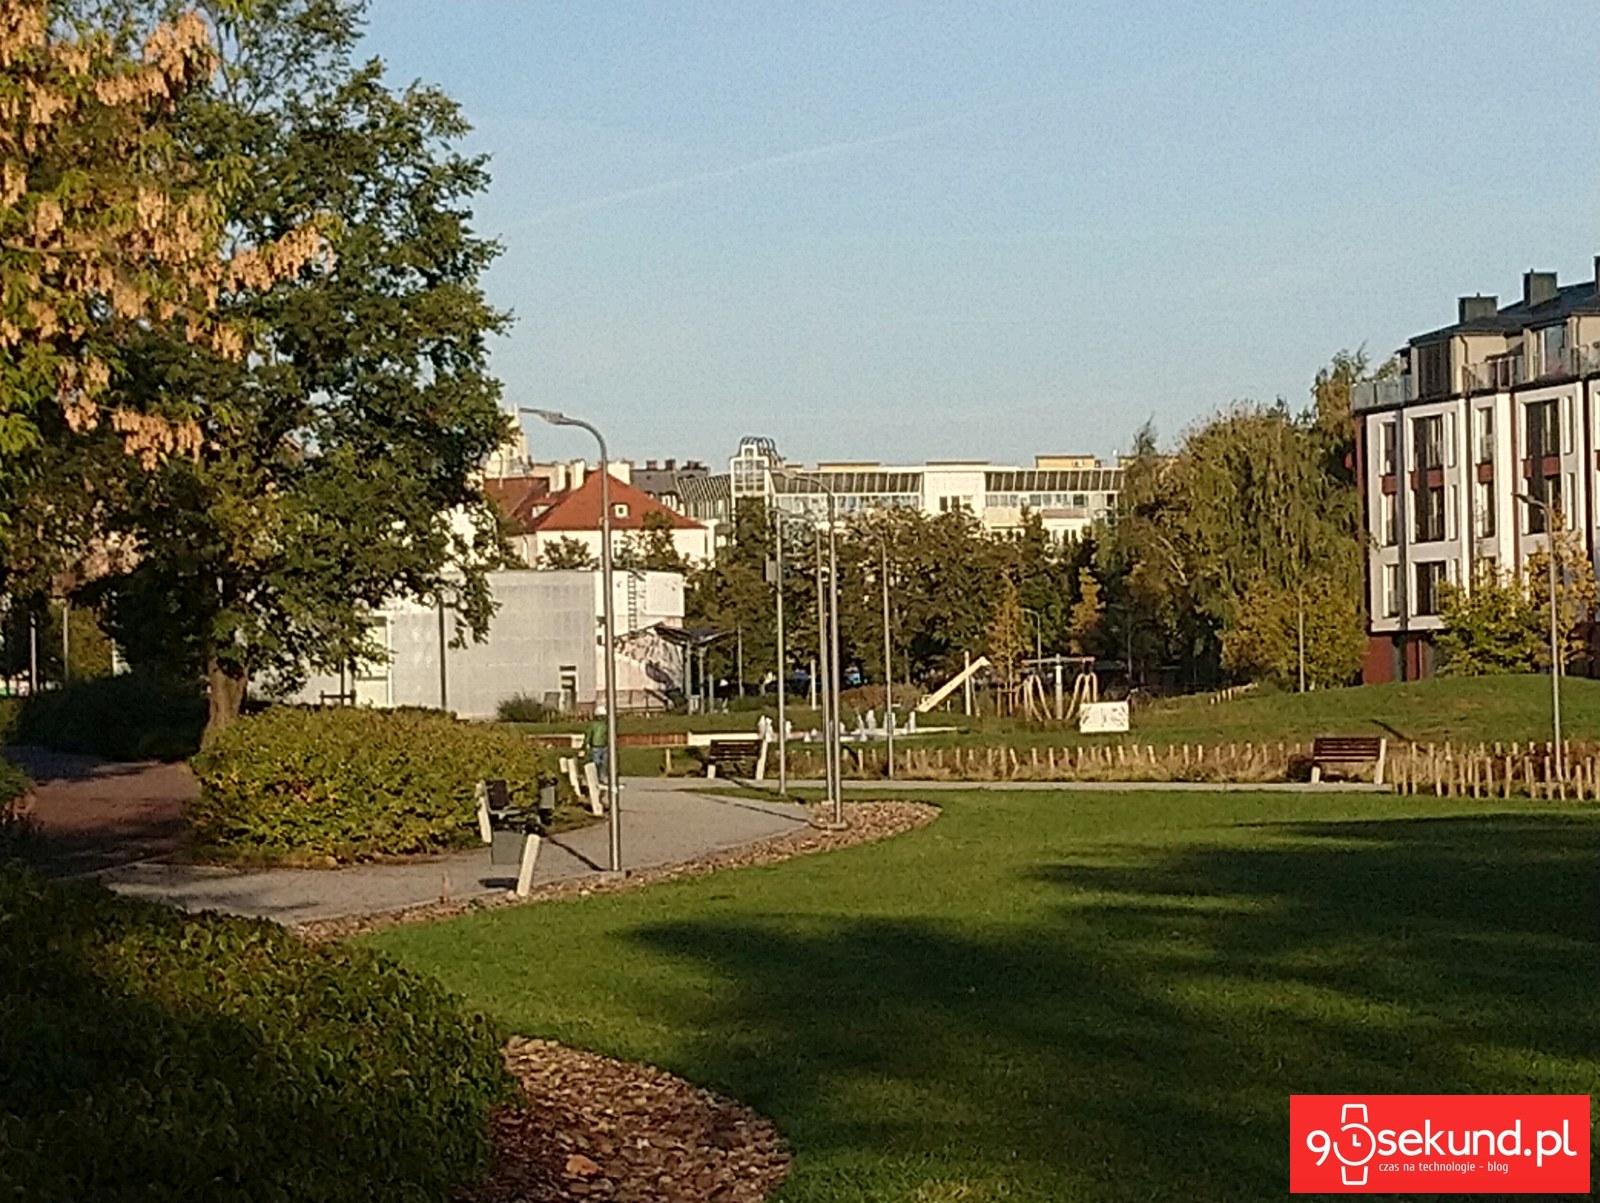 5x krotny zoom cyfrowy - Zdjęcie wykonane Sony Xperia XA2 Plus - 90sekund.pl - Michał Brożyński